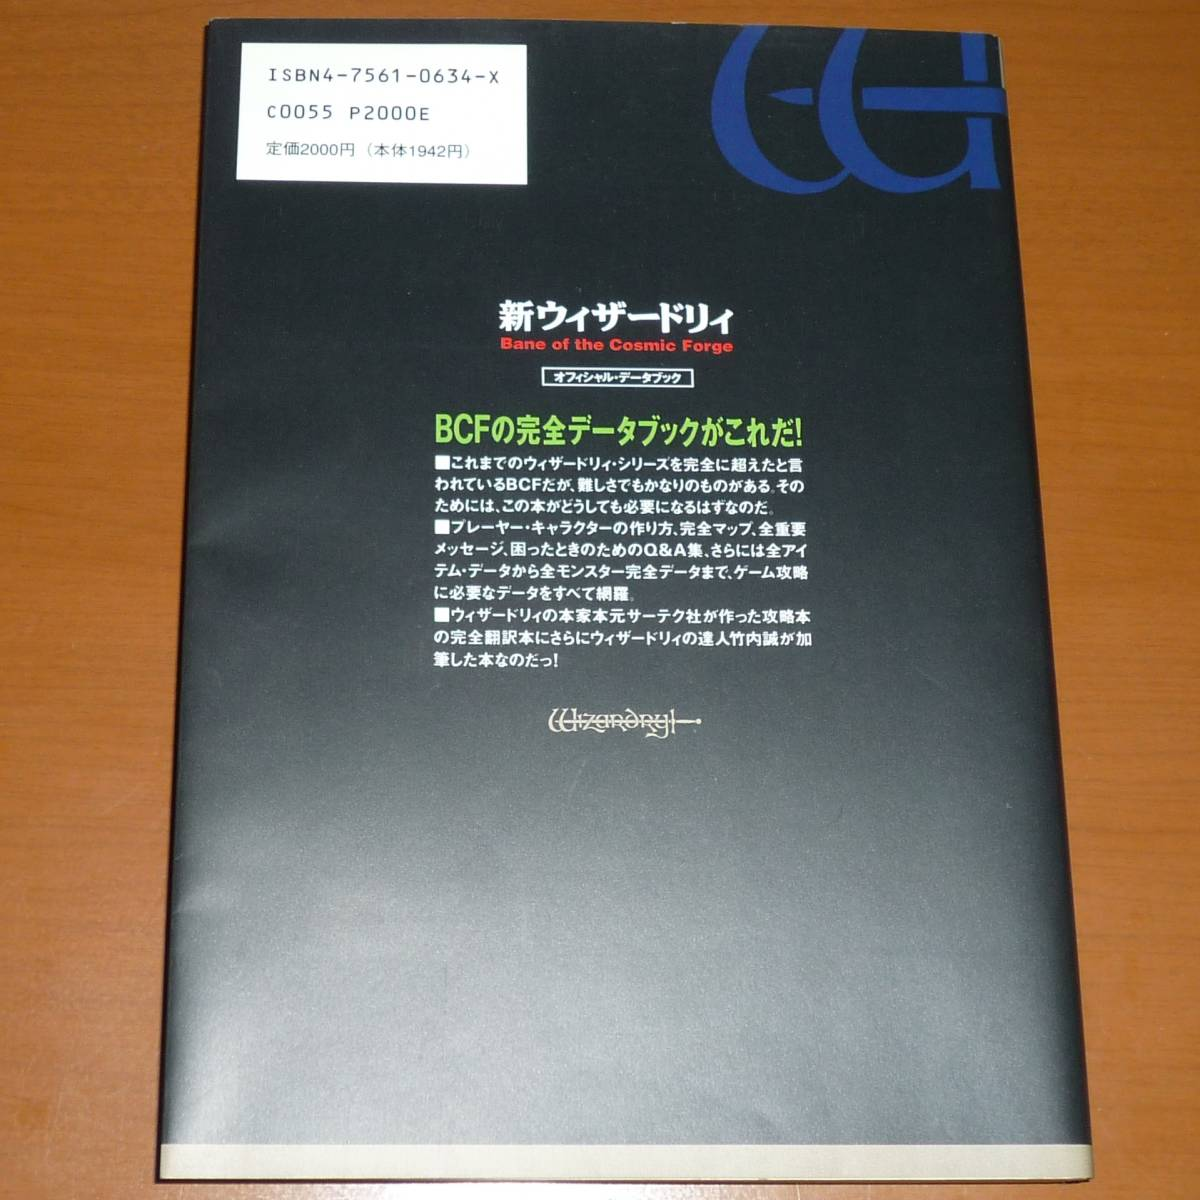 【送料込み】 新ウィザードリィ BCF ベインオブザコズミックフォージ オフィシャルデータブック